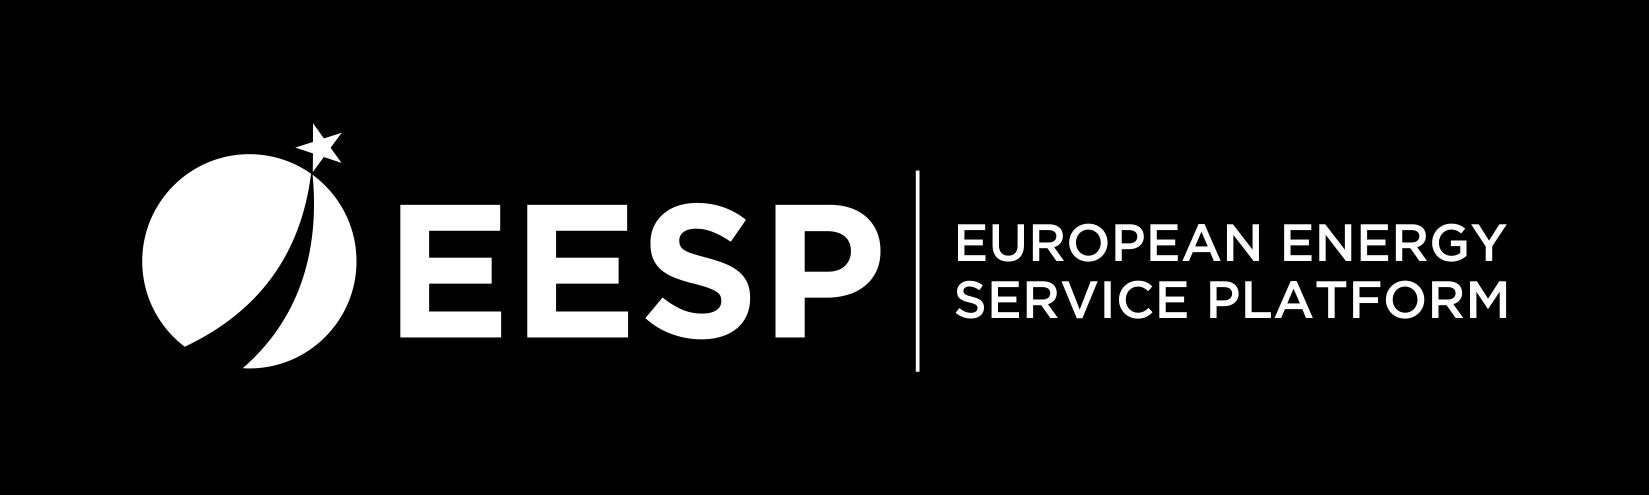 Corporate Design für europäischen Energiedienstleister